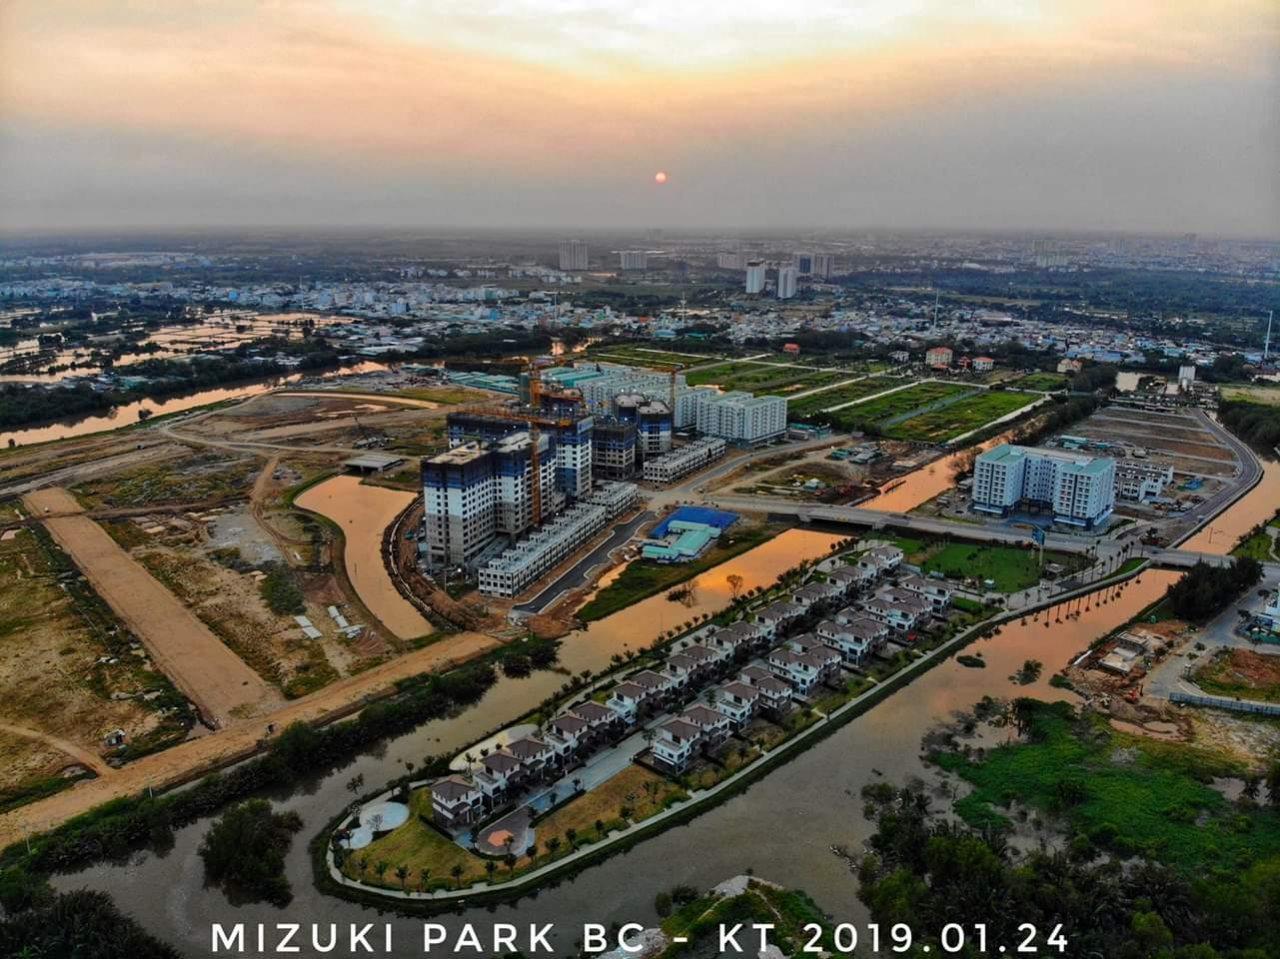 Toàn cảnh tiến độ xây dựng Khu đô thị Mizuki Park Bình Chánh Tháng 01/2019